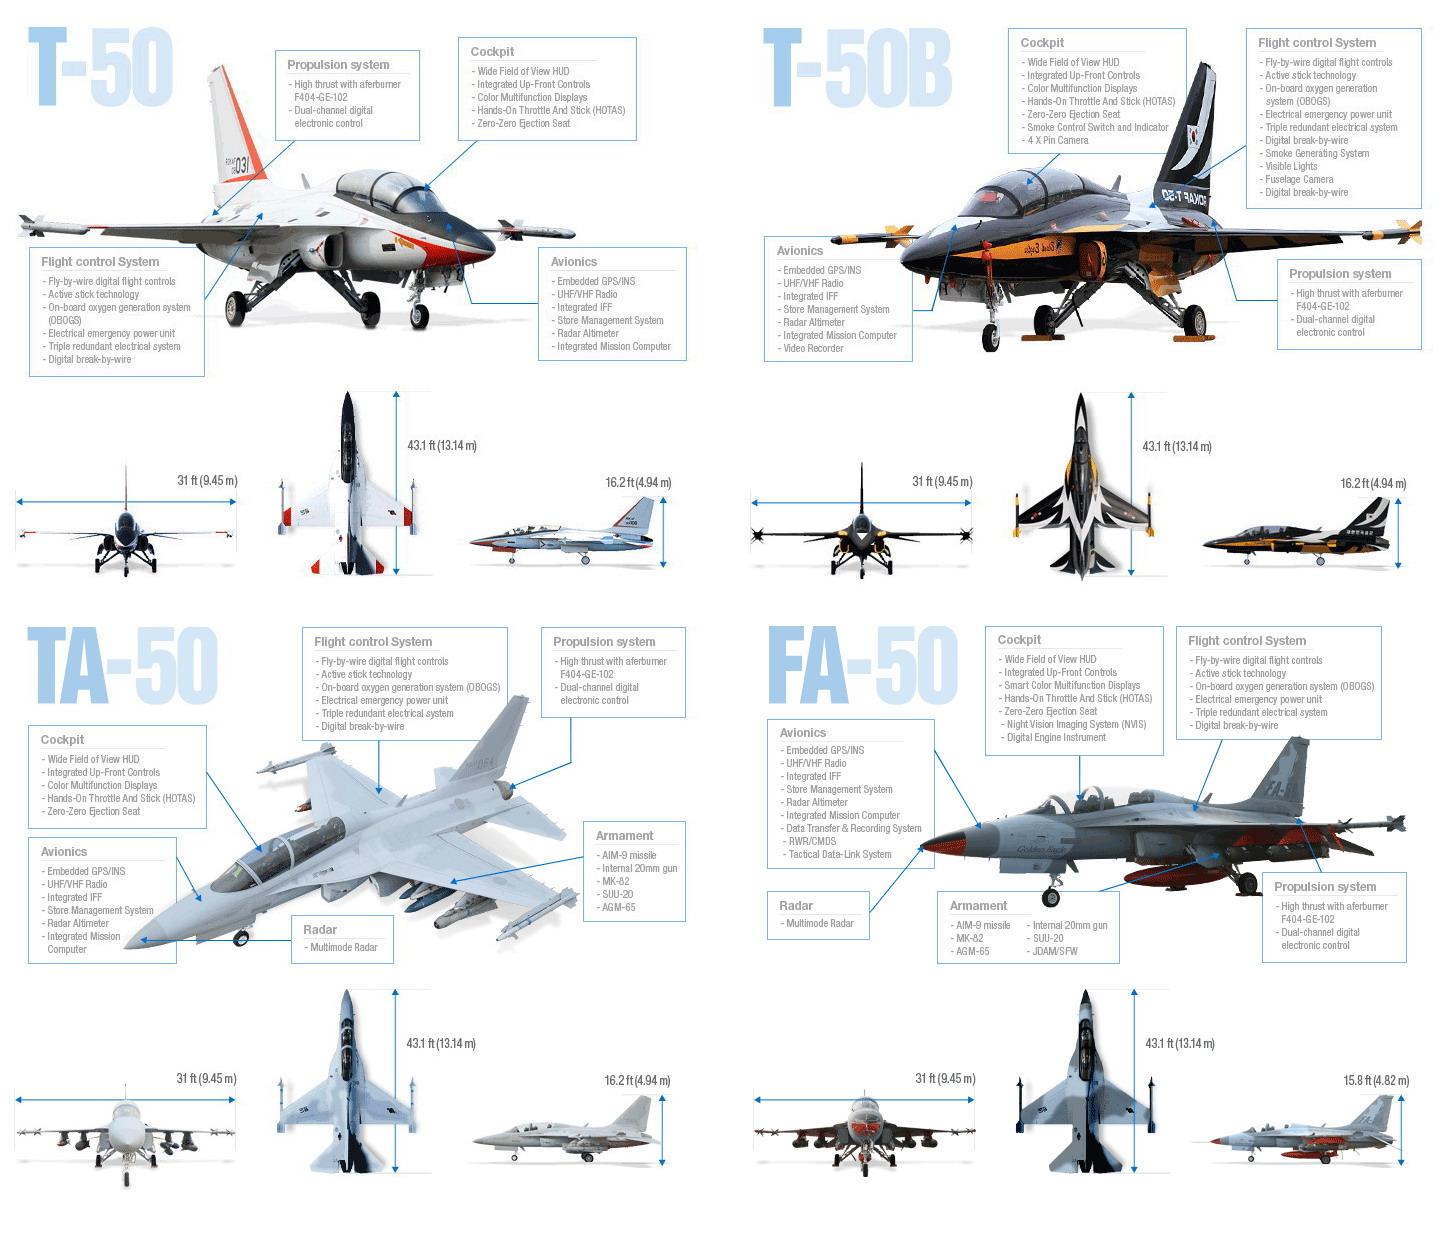 KAI T-50 and FA-50 Golden Eagle | Thai Military and Asian Region